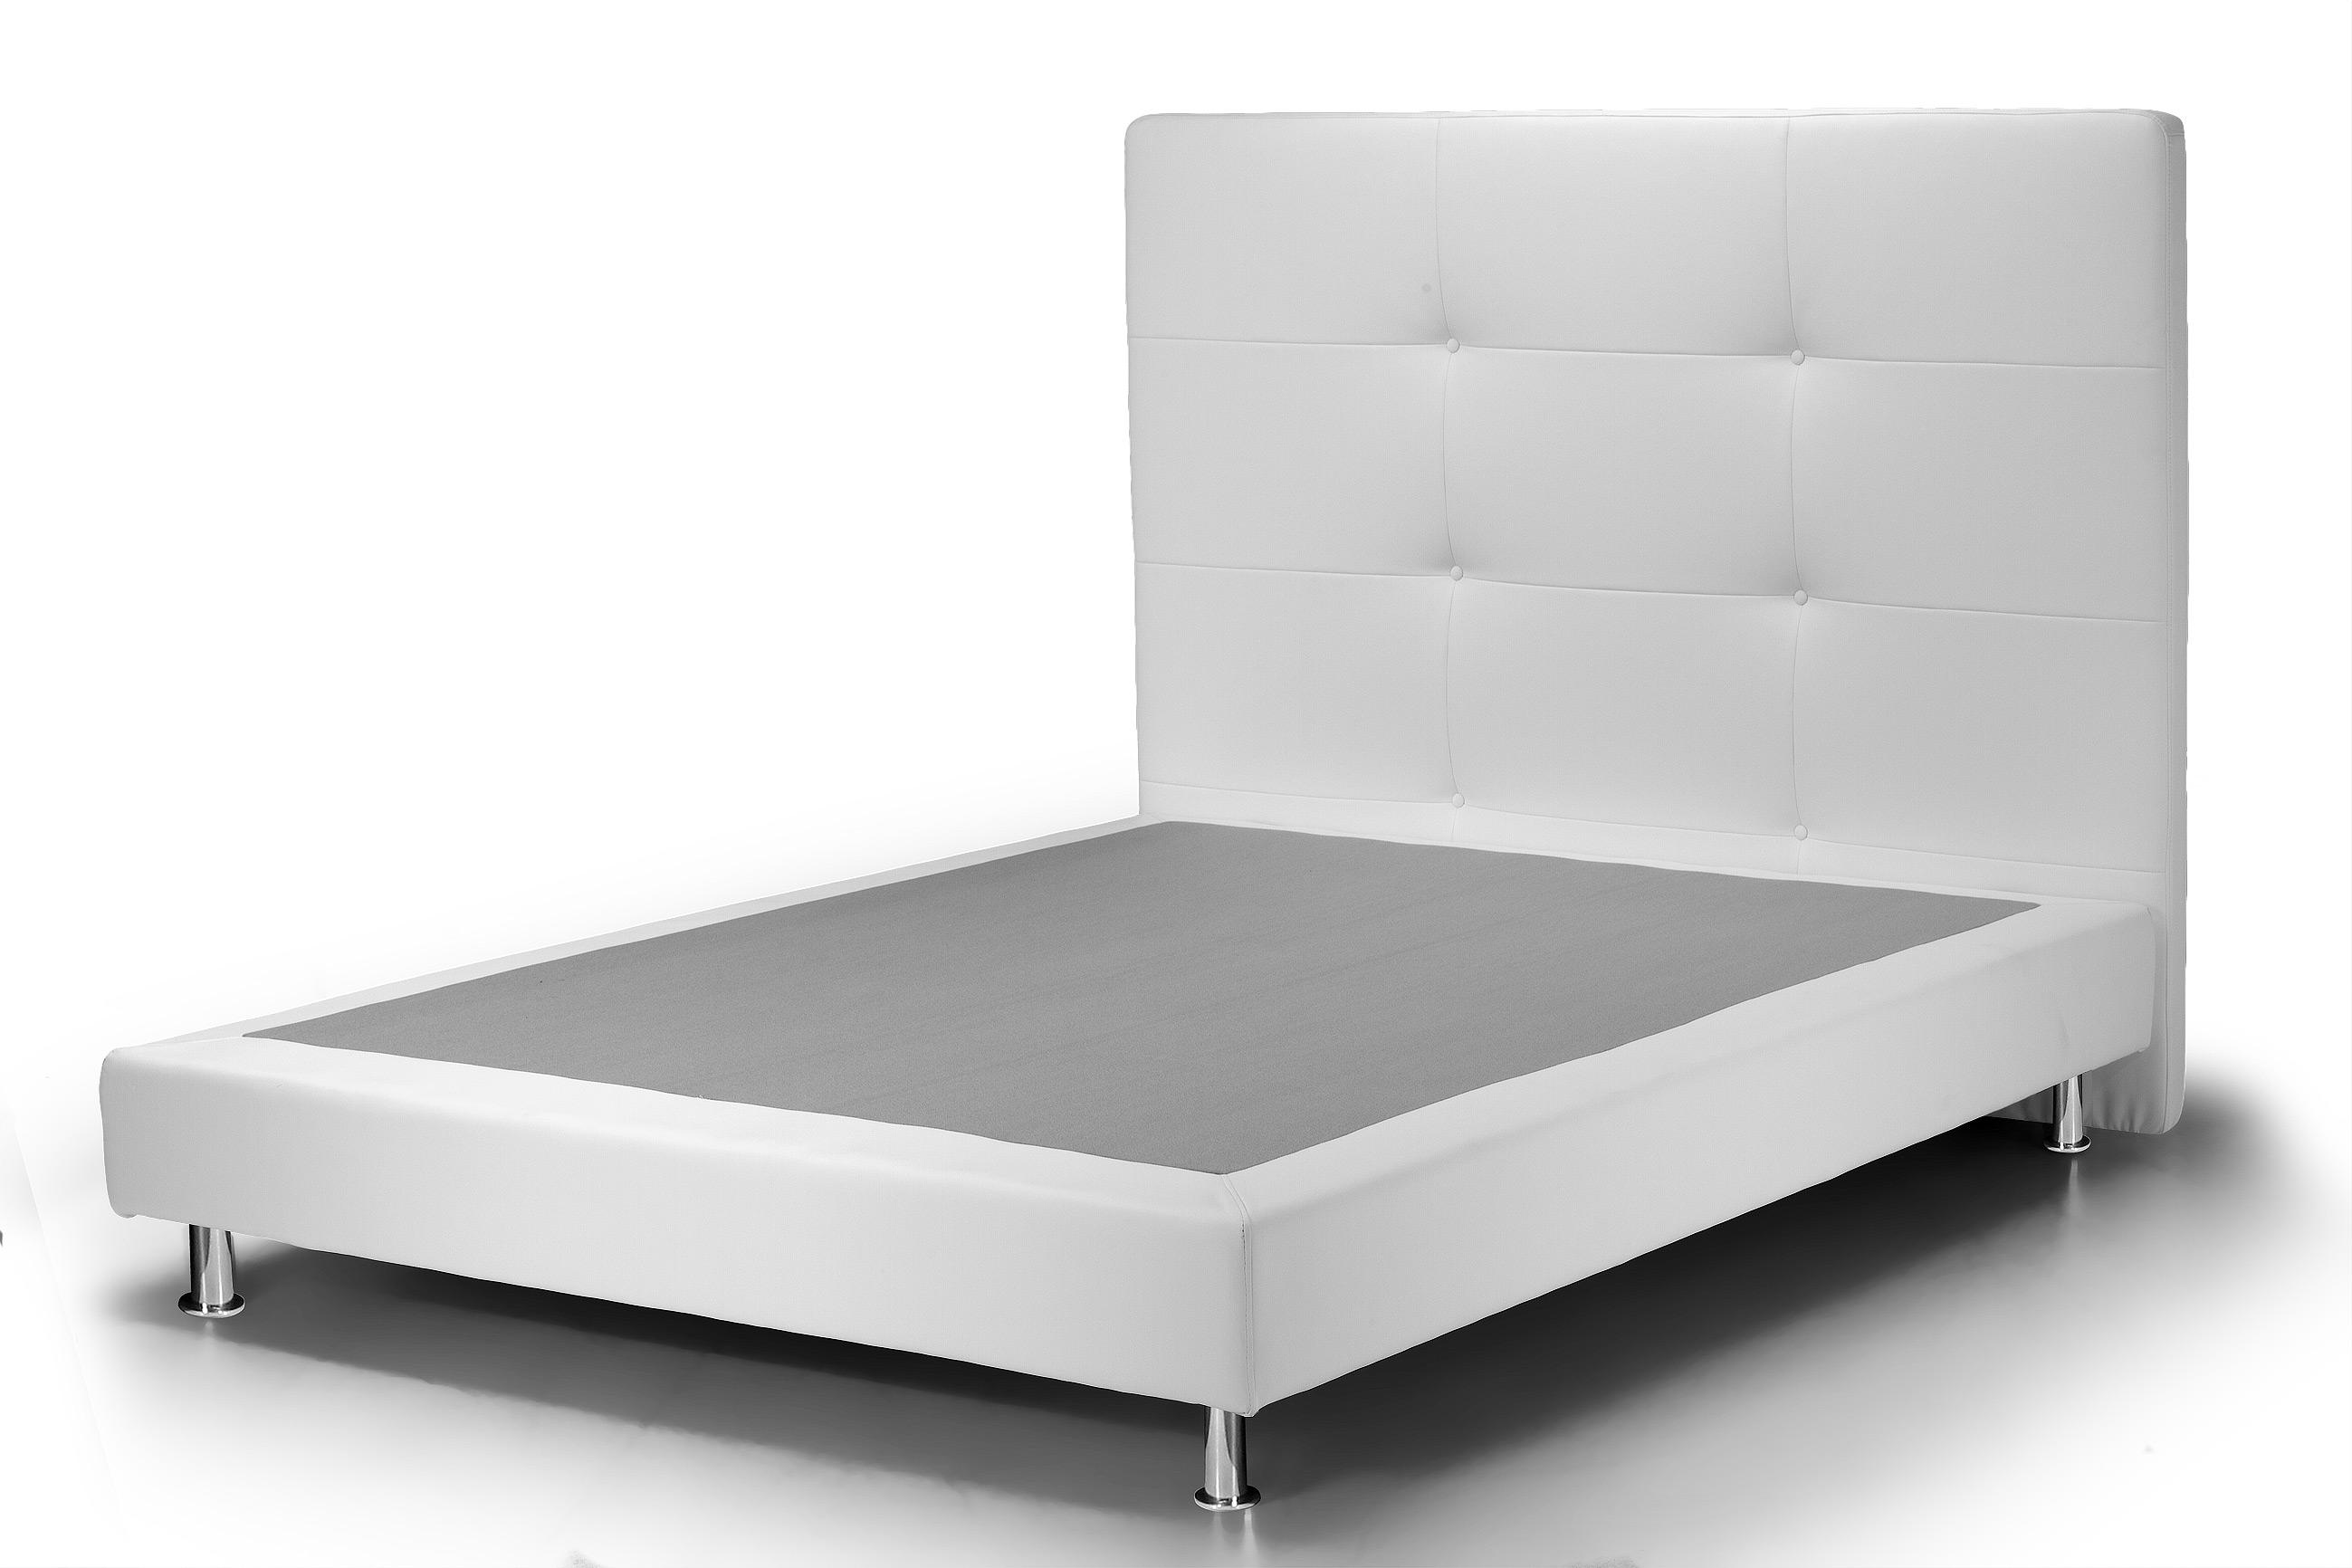 Testiera Per Letto Singolo : Testiera per letto singolo lusso caravaggio h cm ecopelle